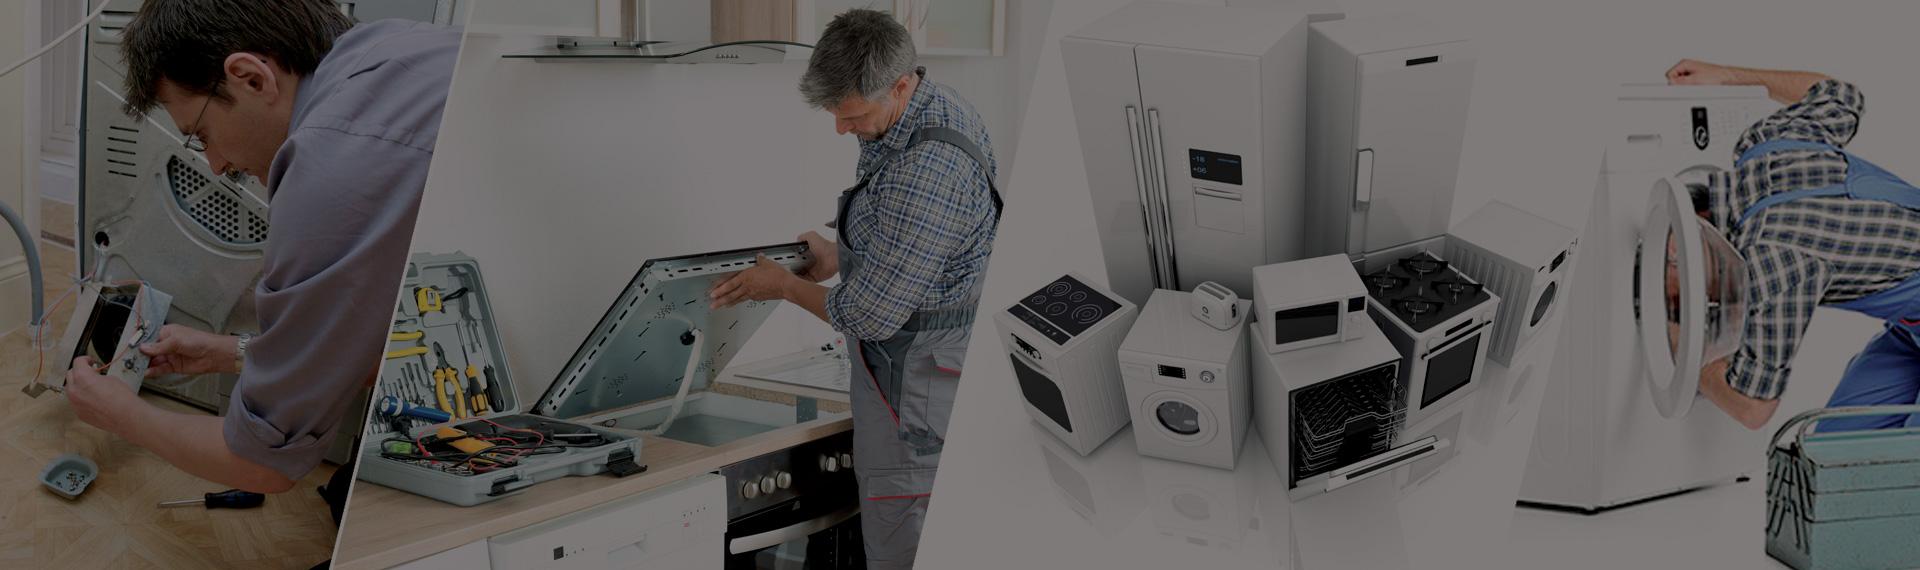 Teckrom Appliance Repair Poway CA